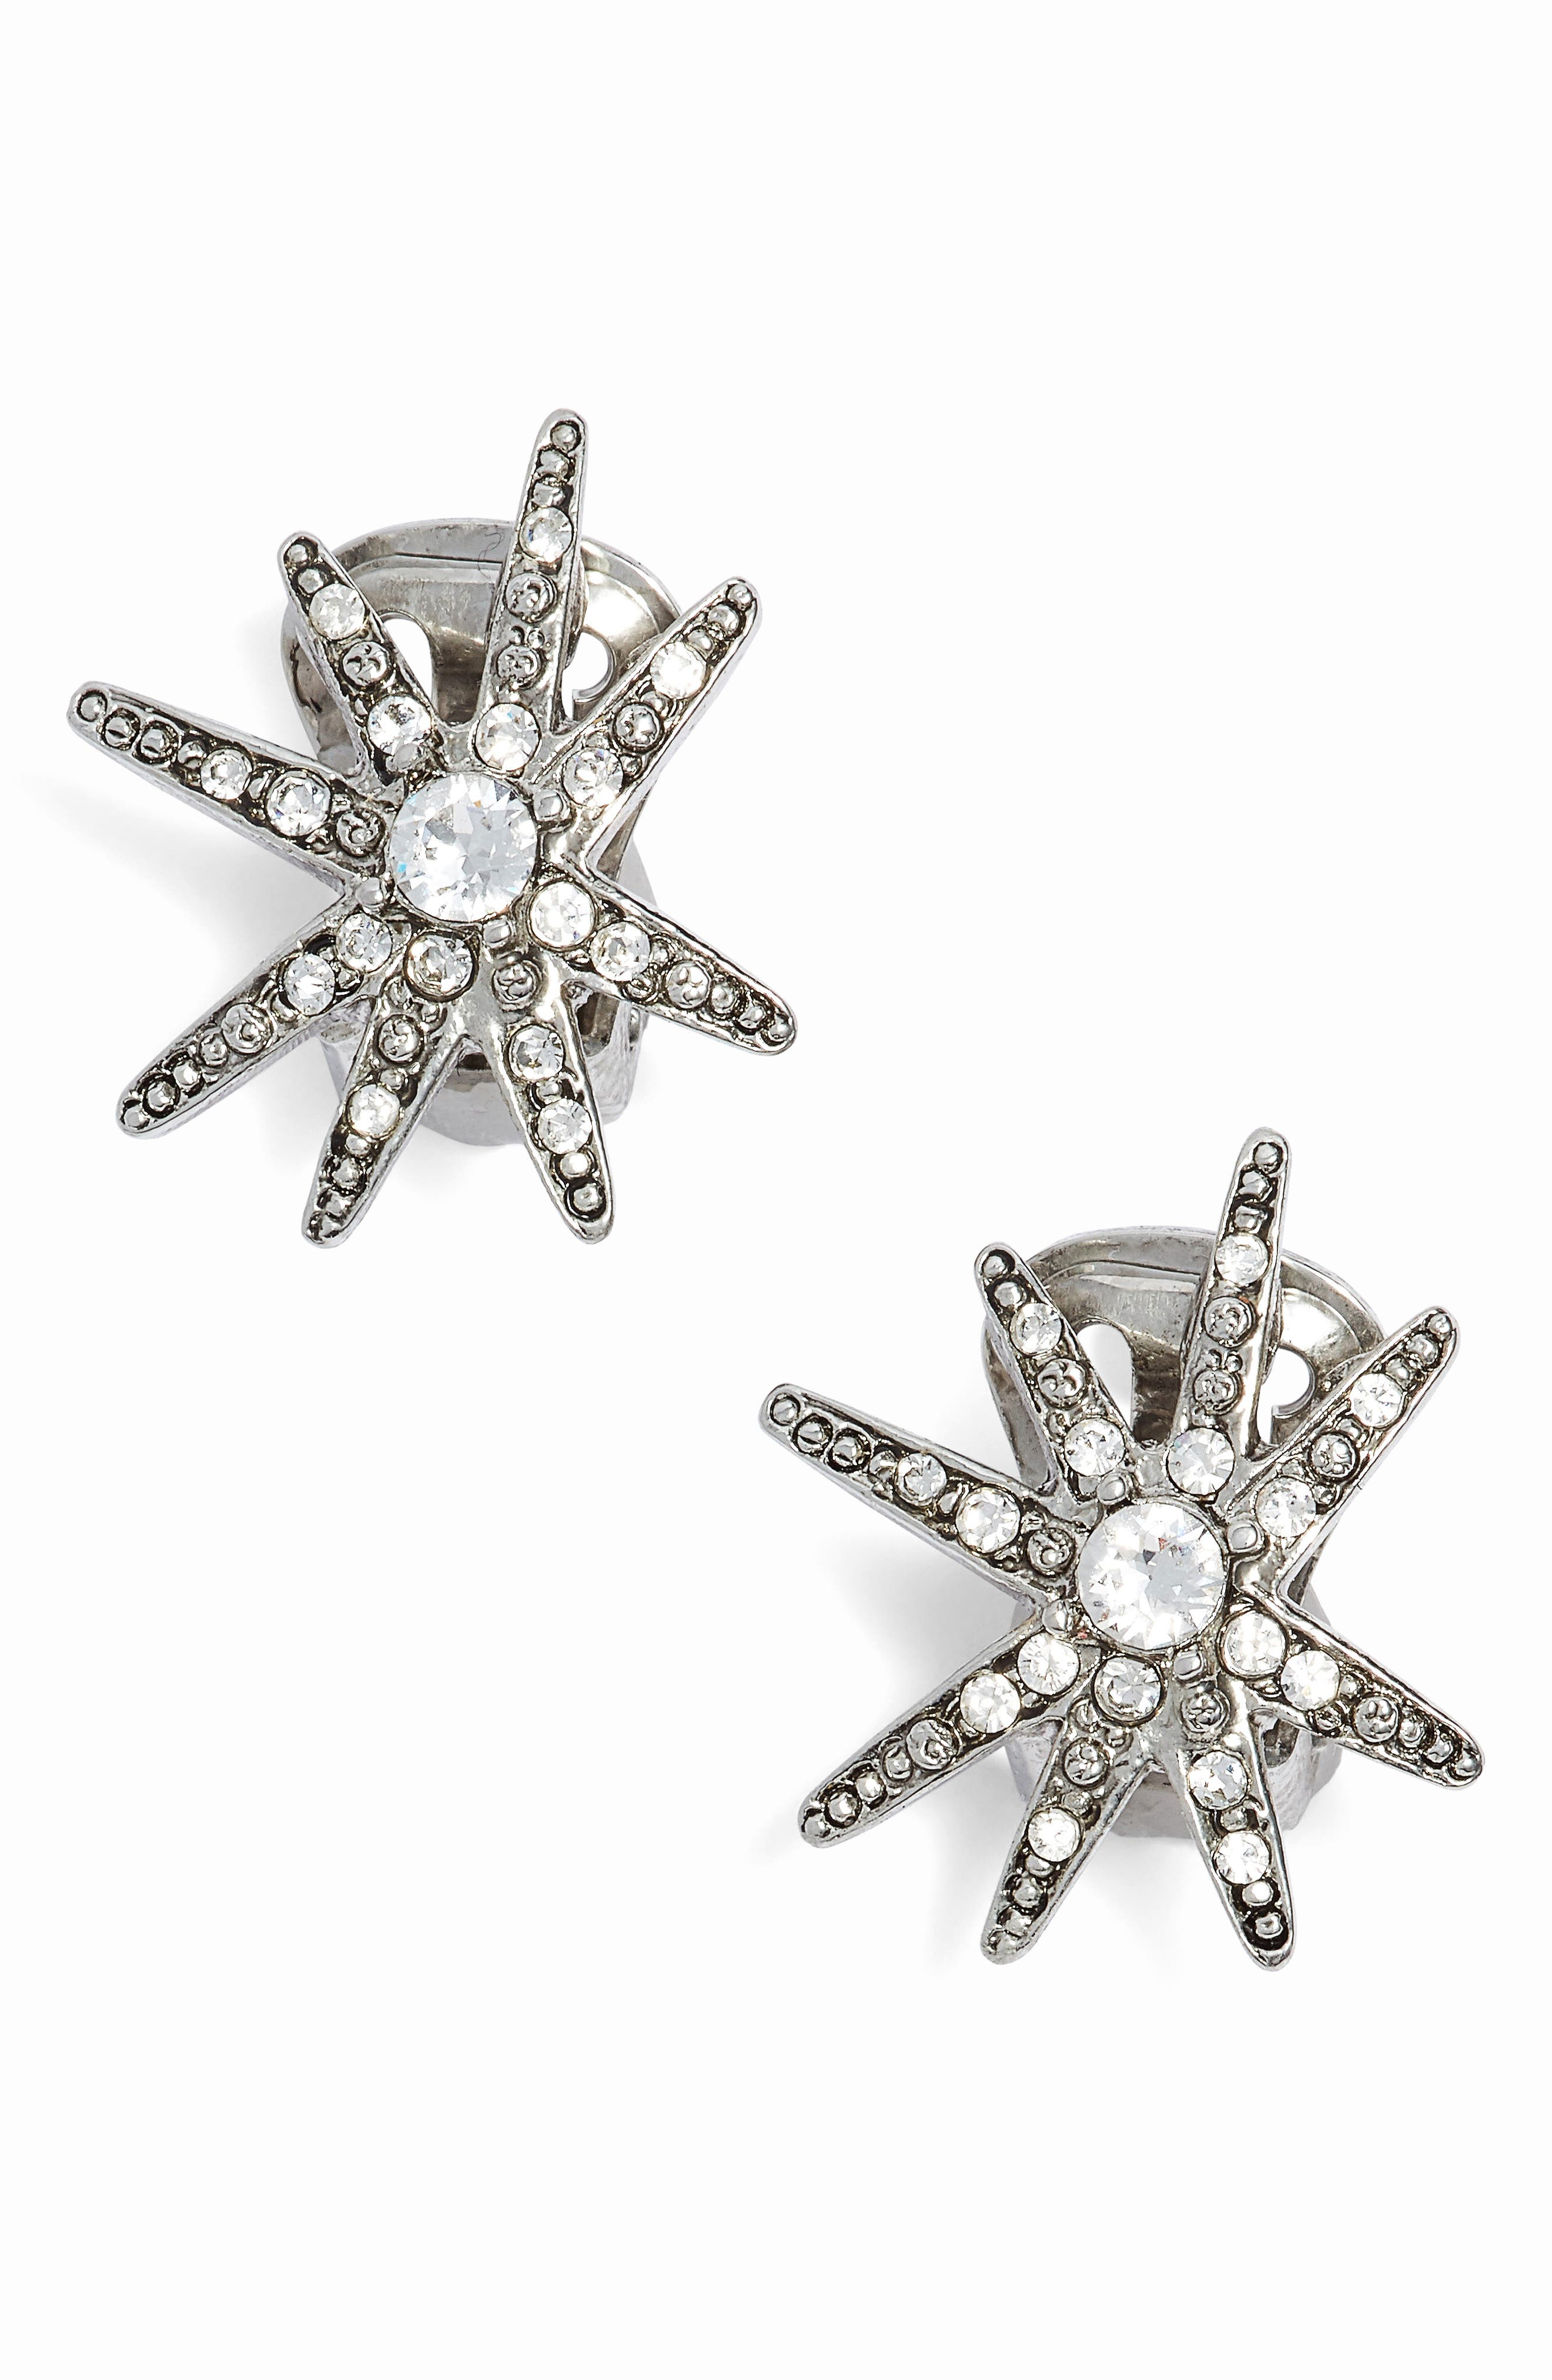 Main Image - Oscar de la Renta Crystal Fireworks Stud Earrings